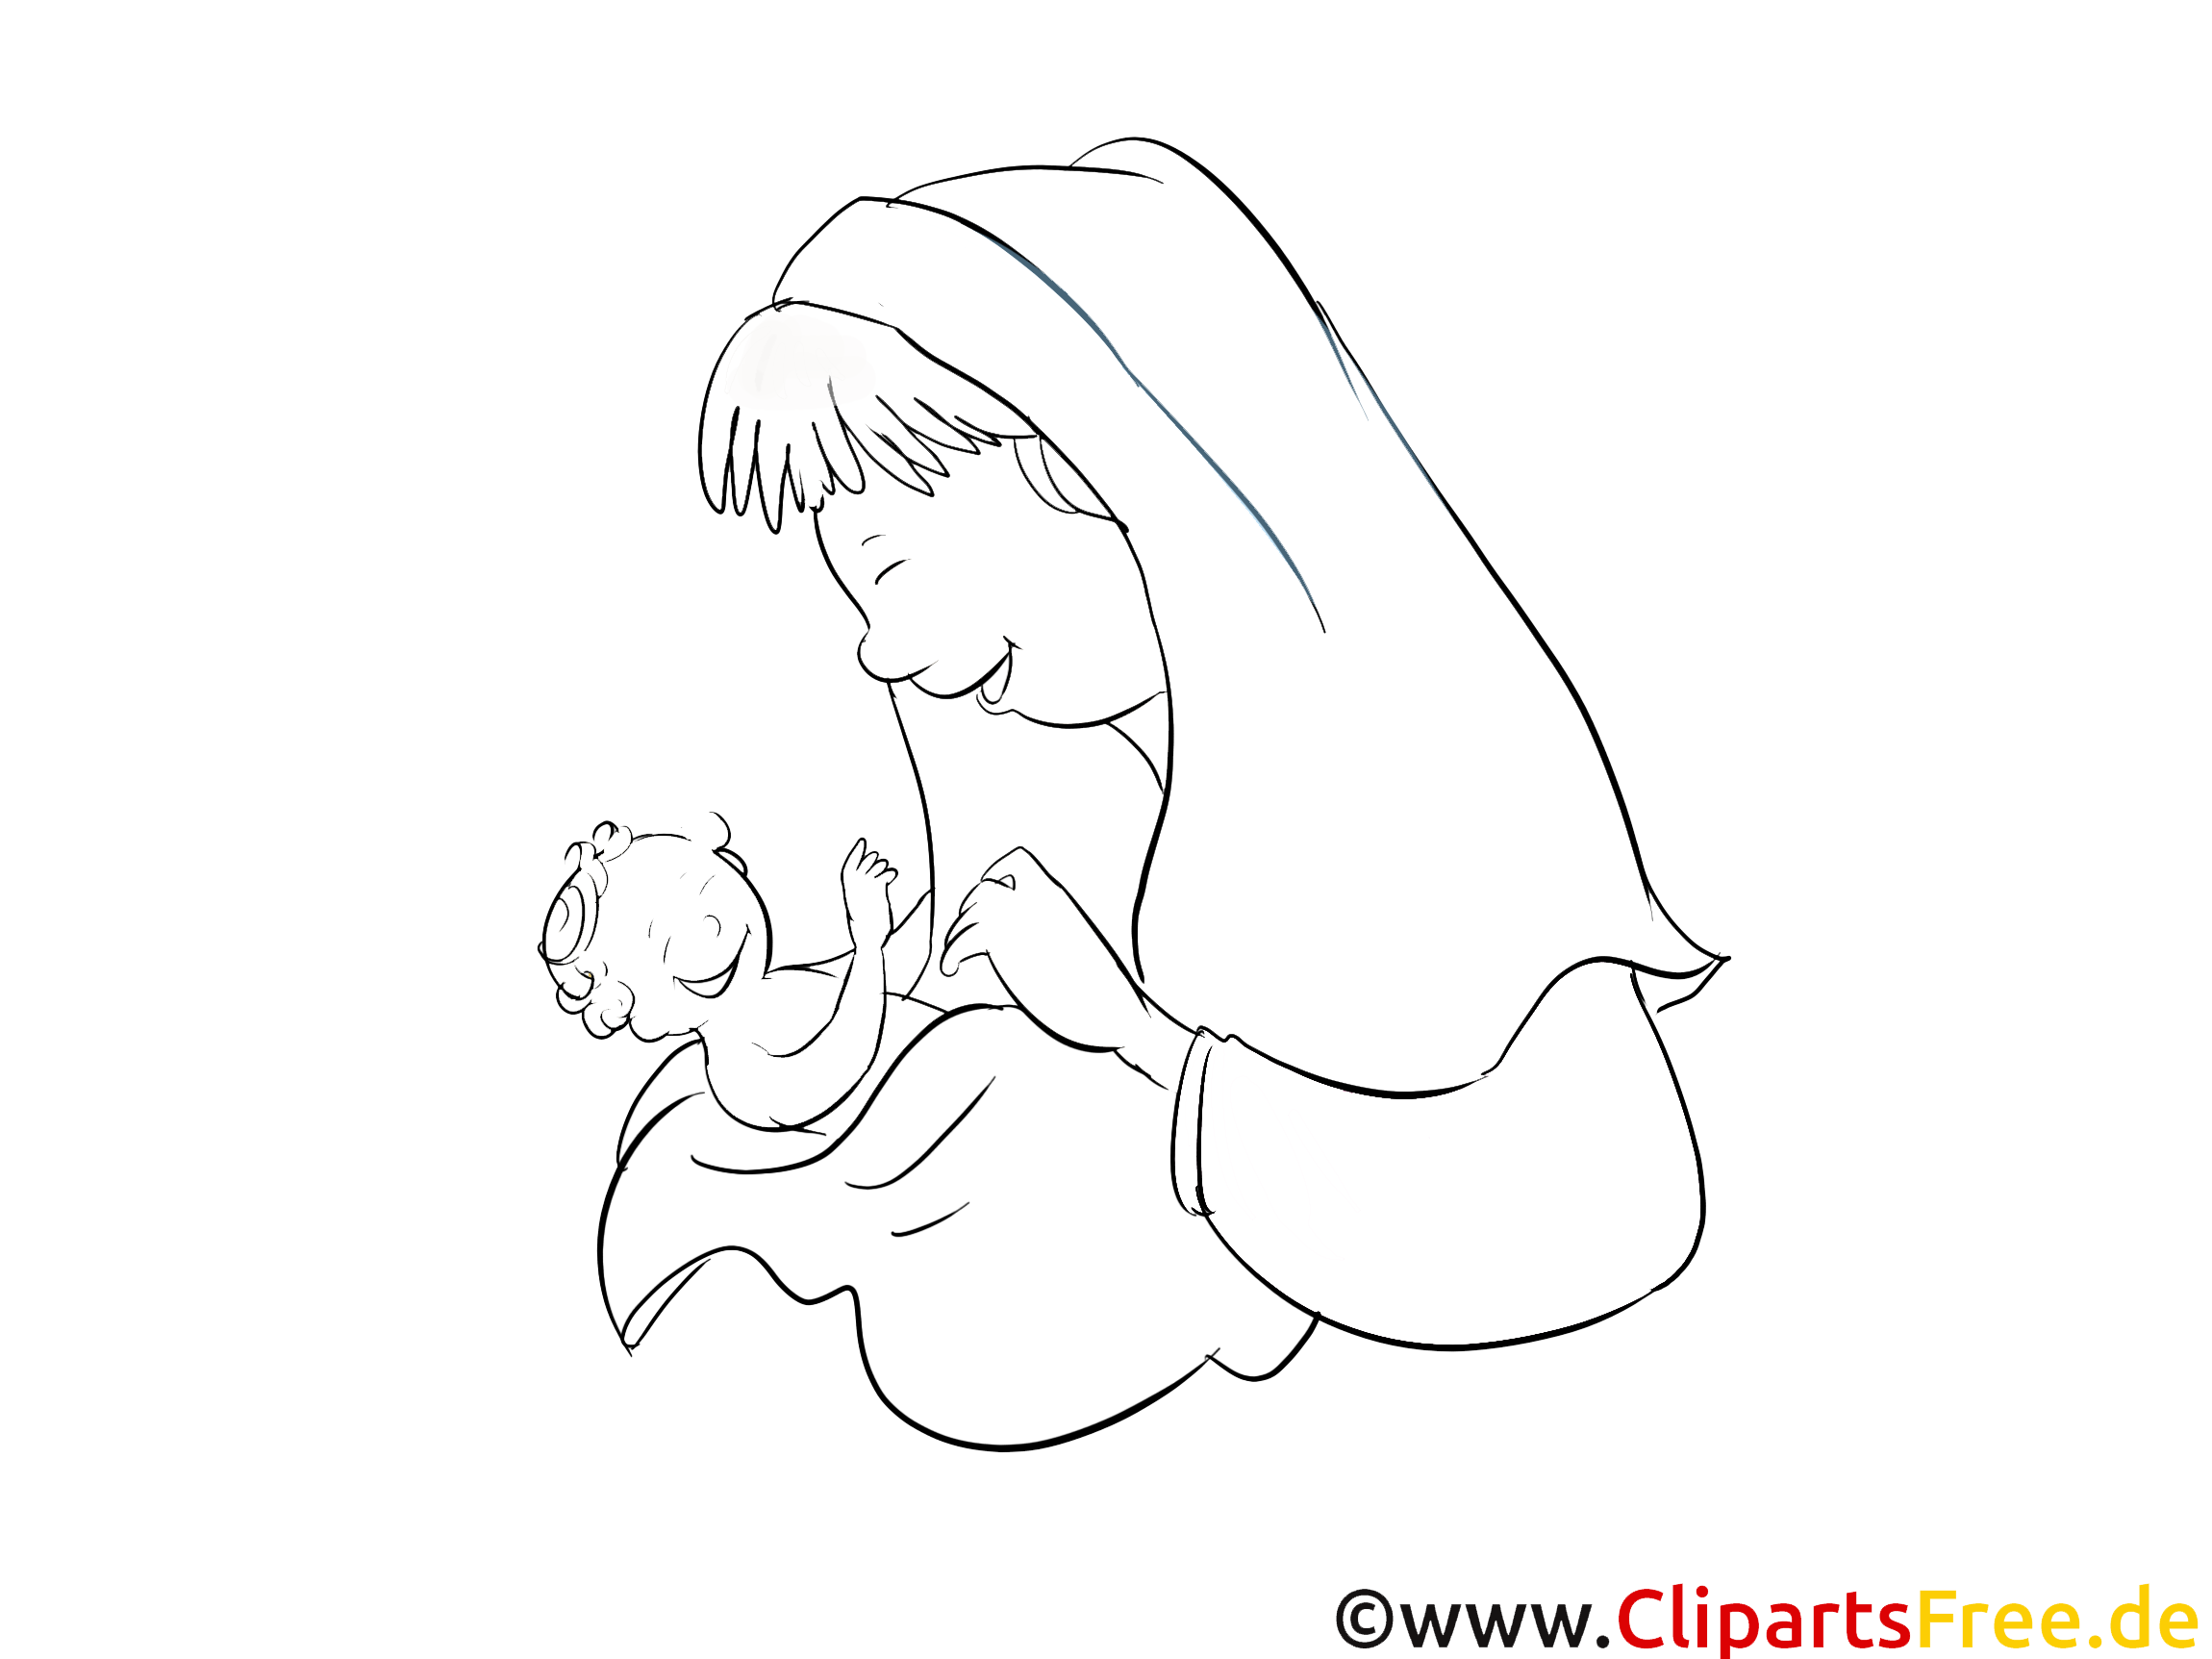 Taufpatin Ausmalbilder Fur Kinder Kostenlos Ausdrucken Taufe Sketches